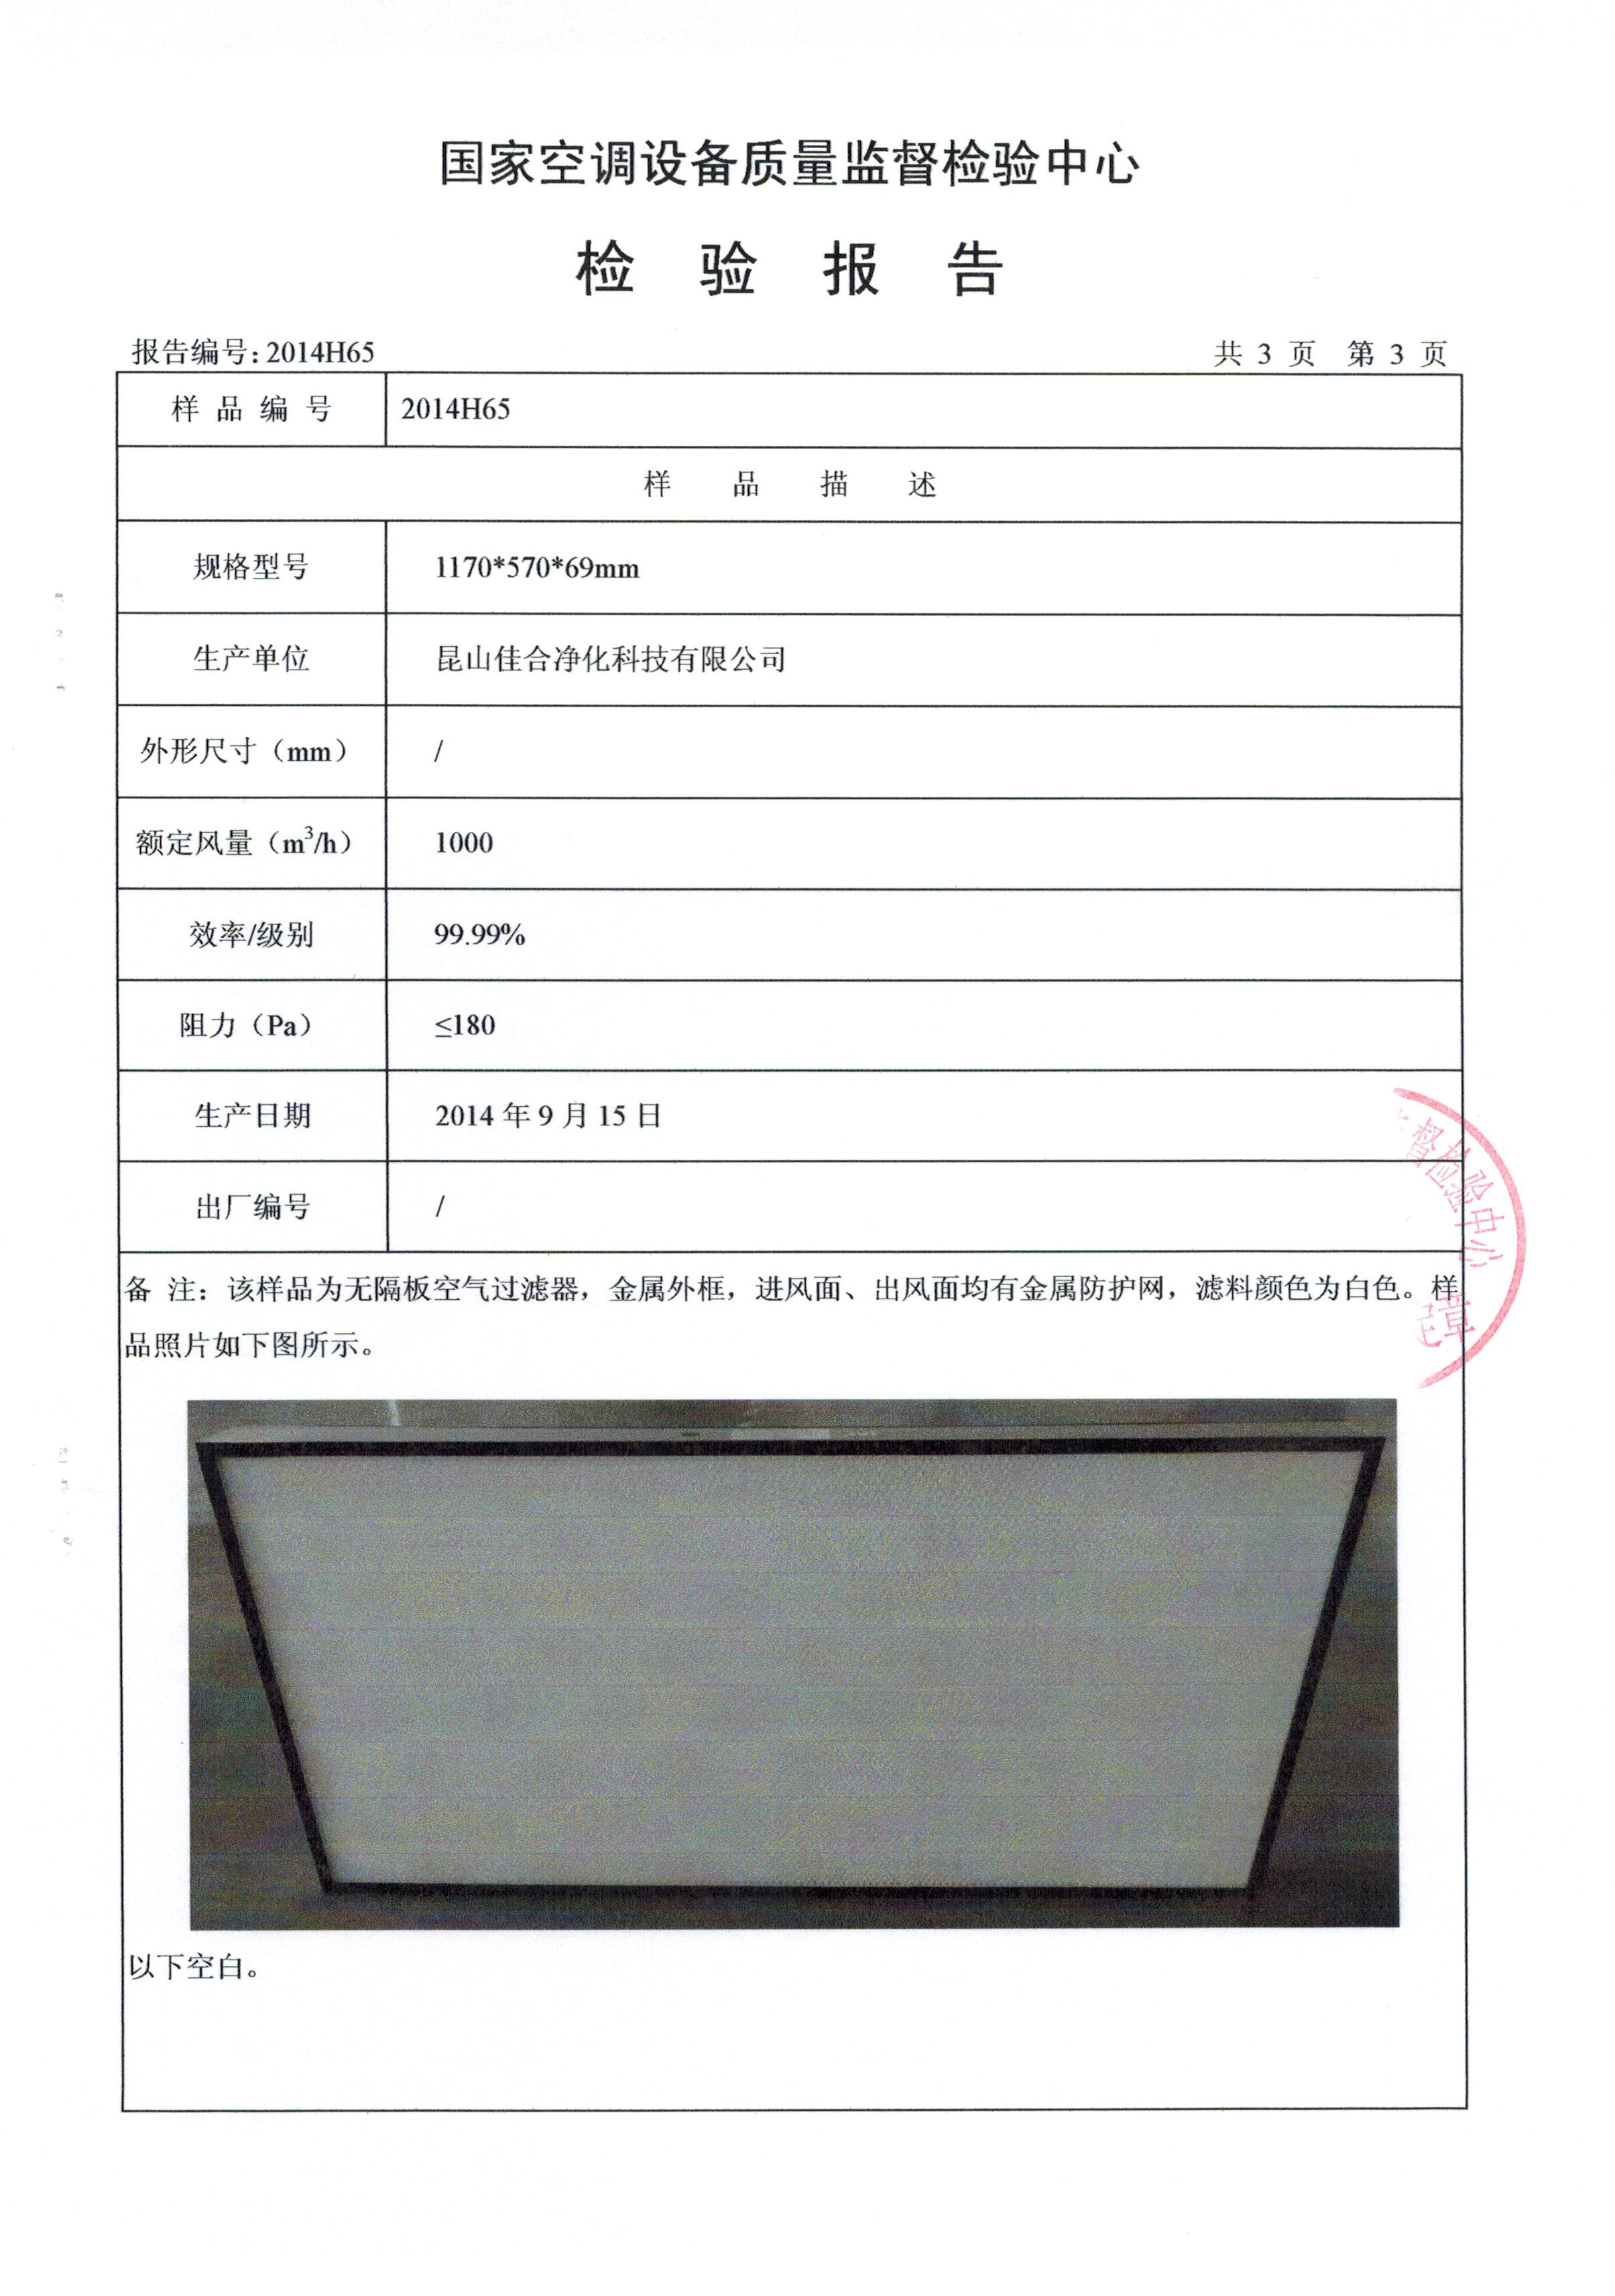 高效过滤器第三方检测报告3